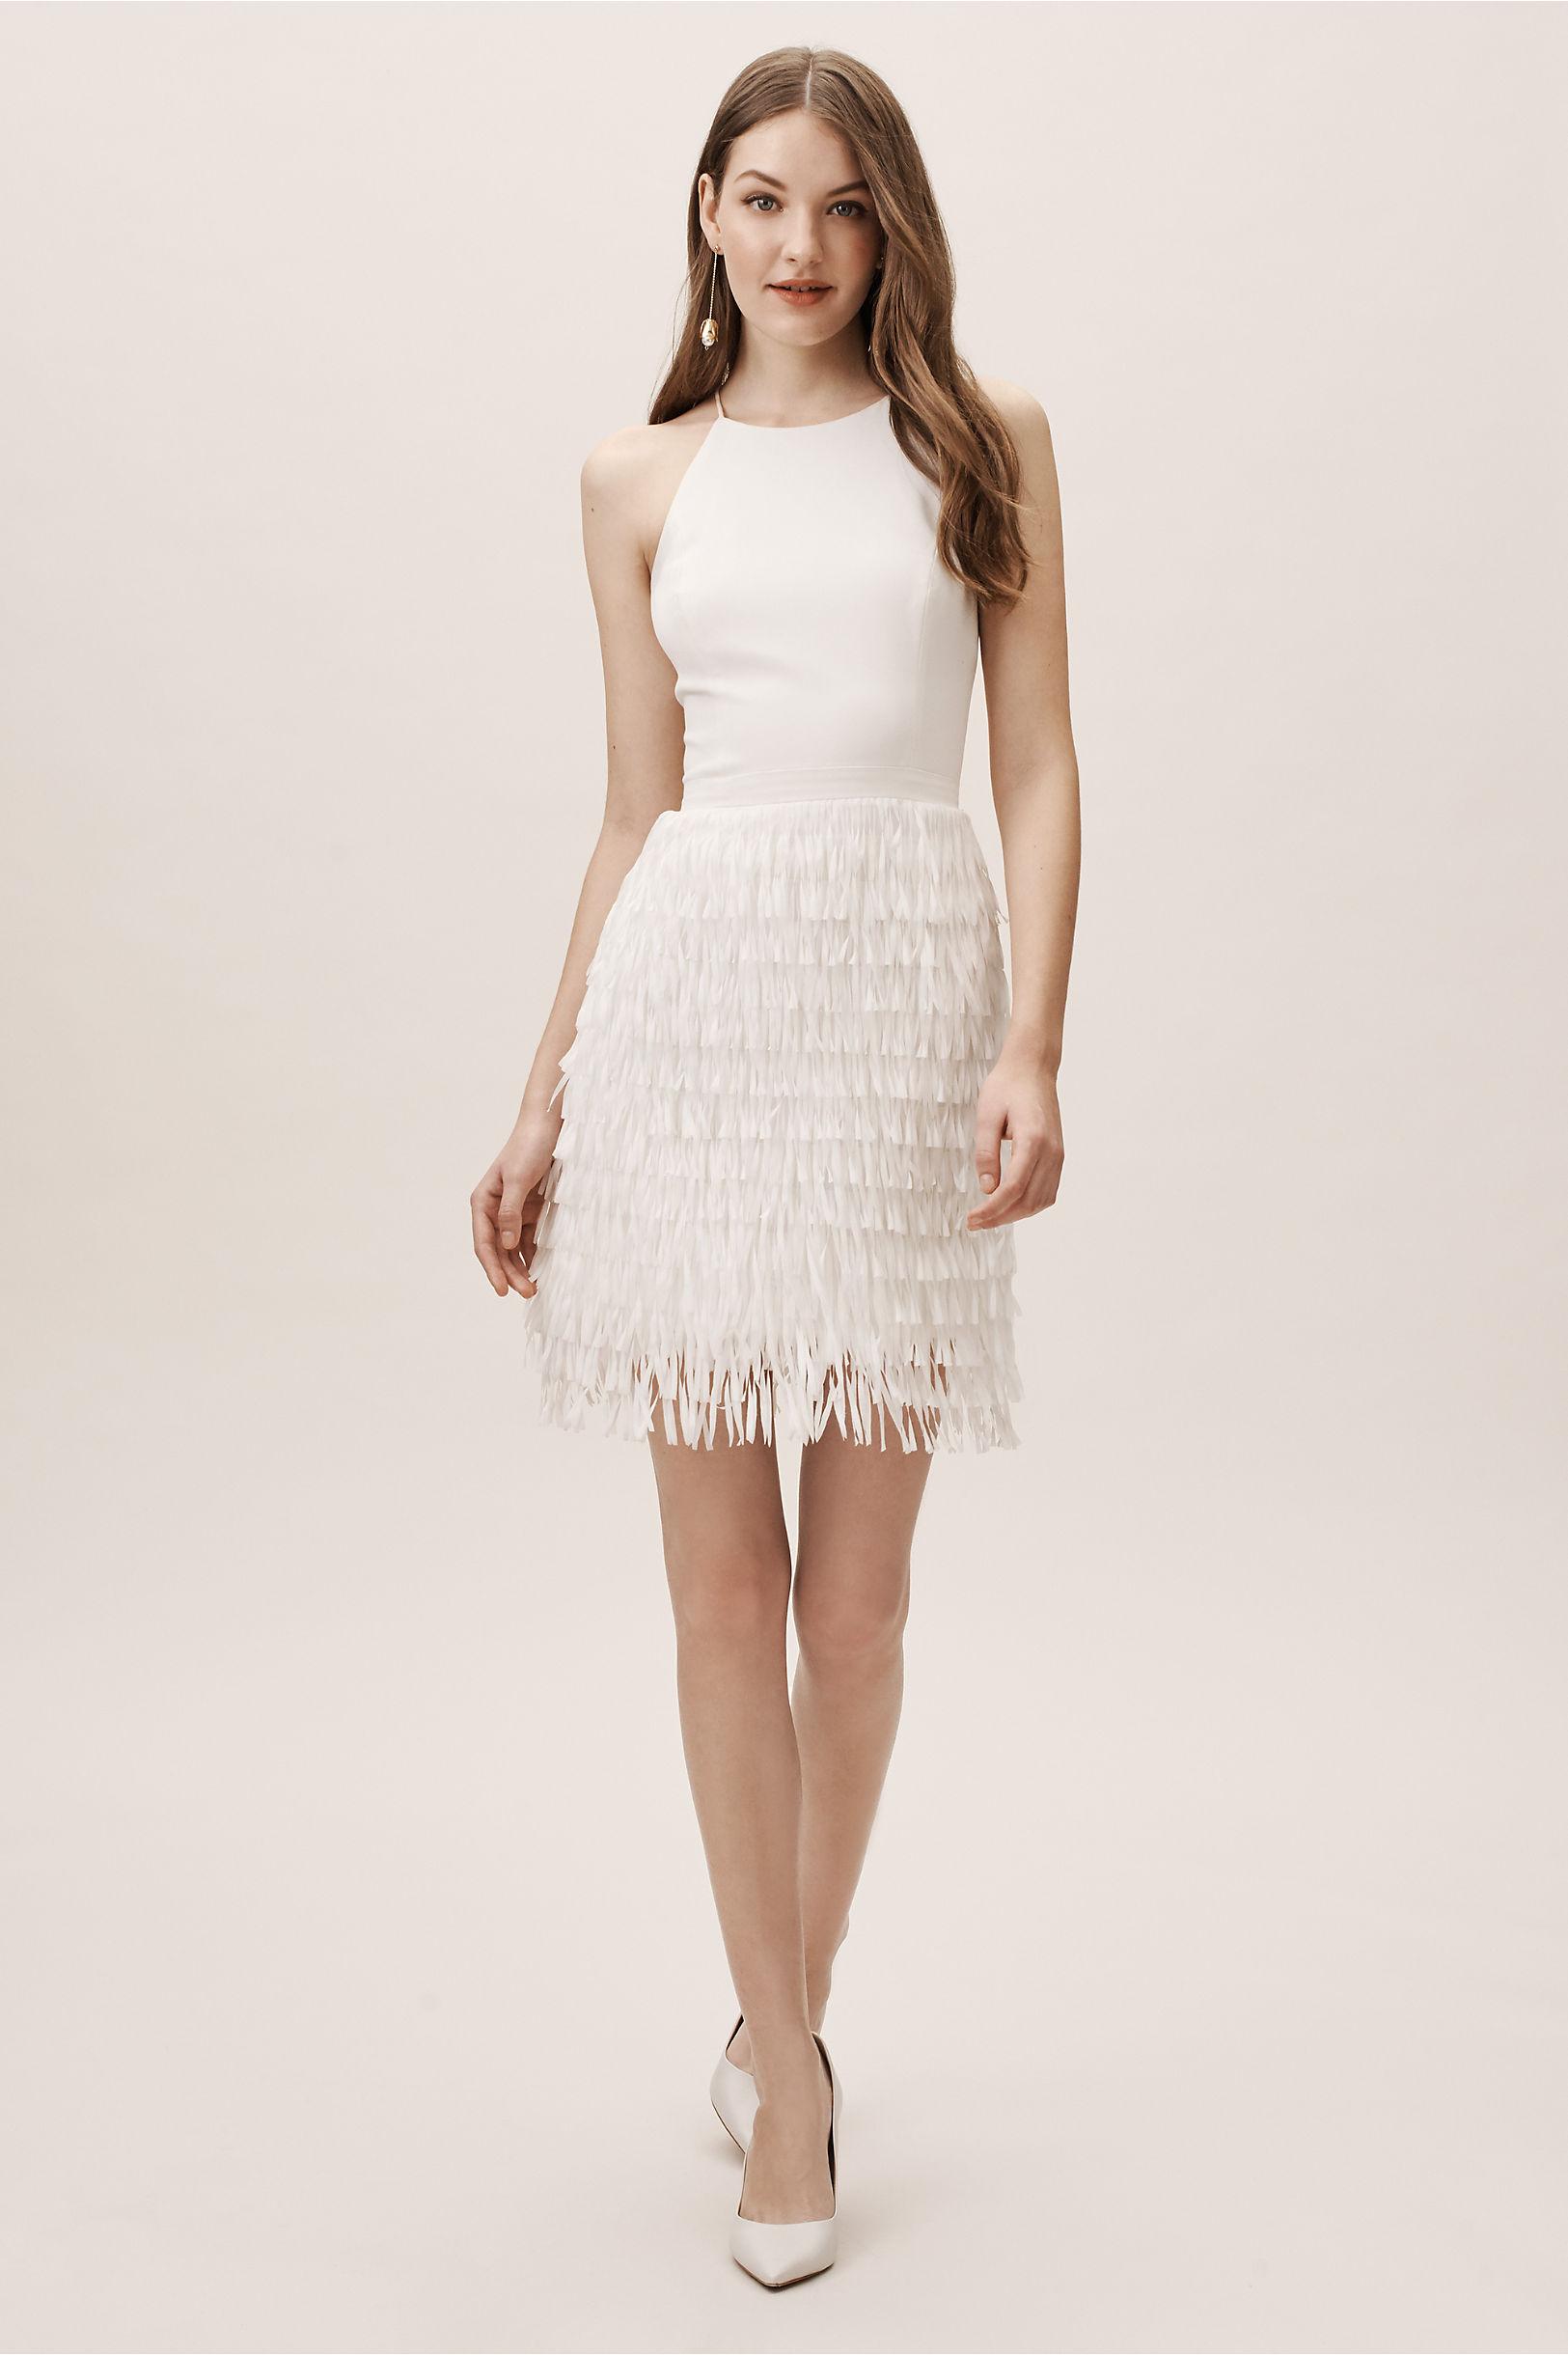 promenade dress promenade dress